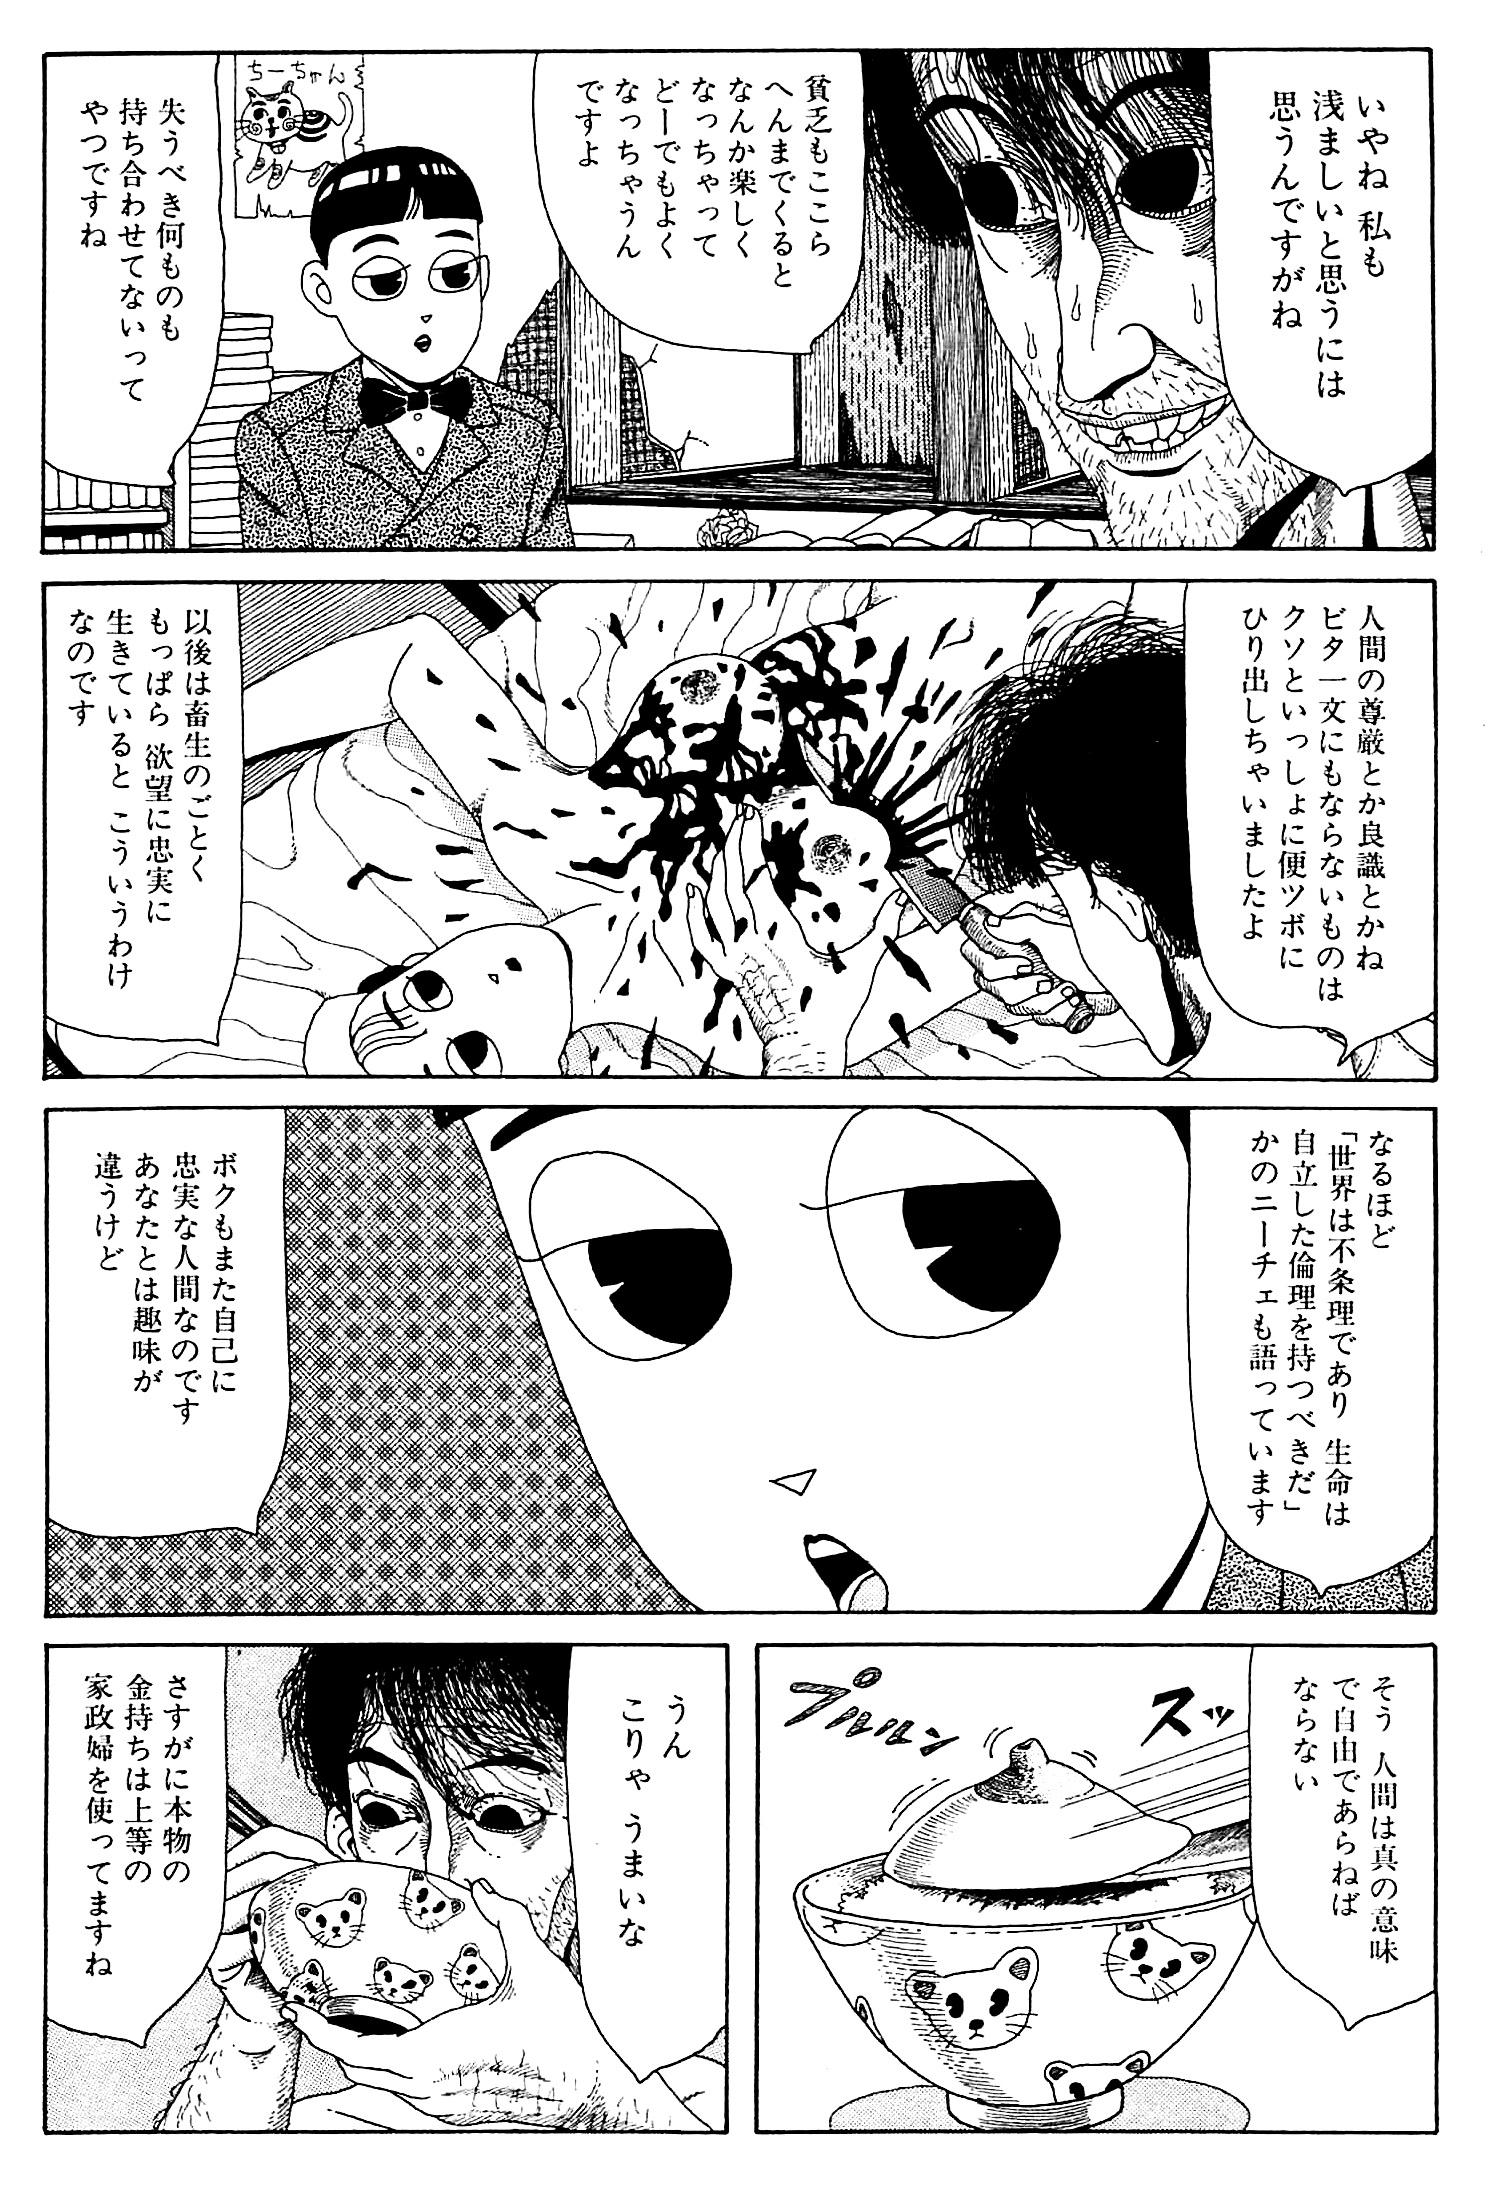 f:id:kougasetumei:20180919050635j:image